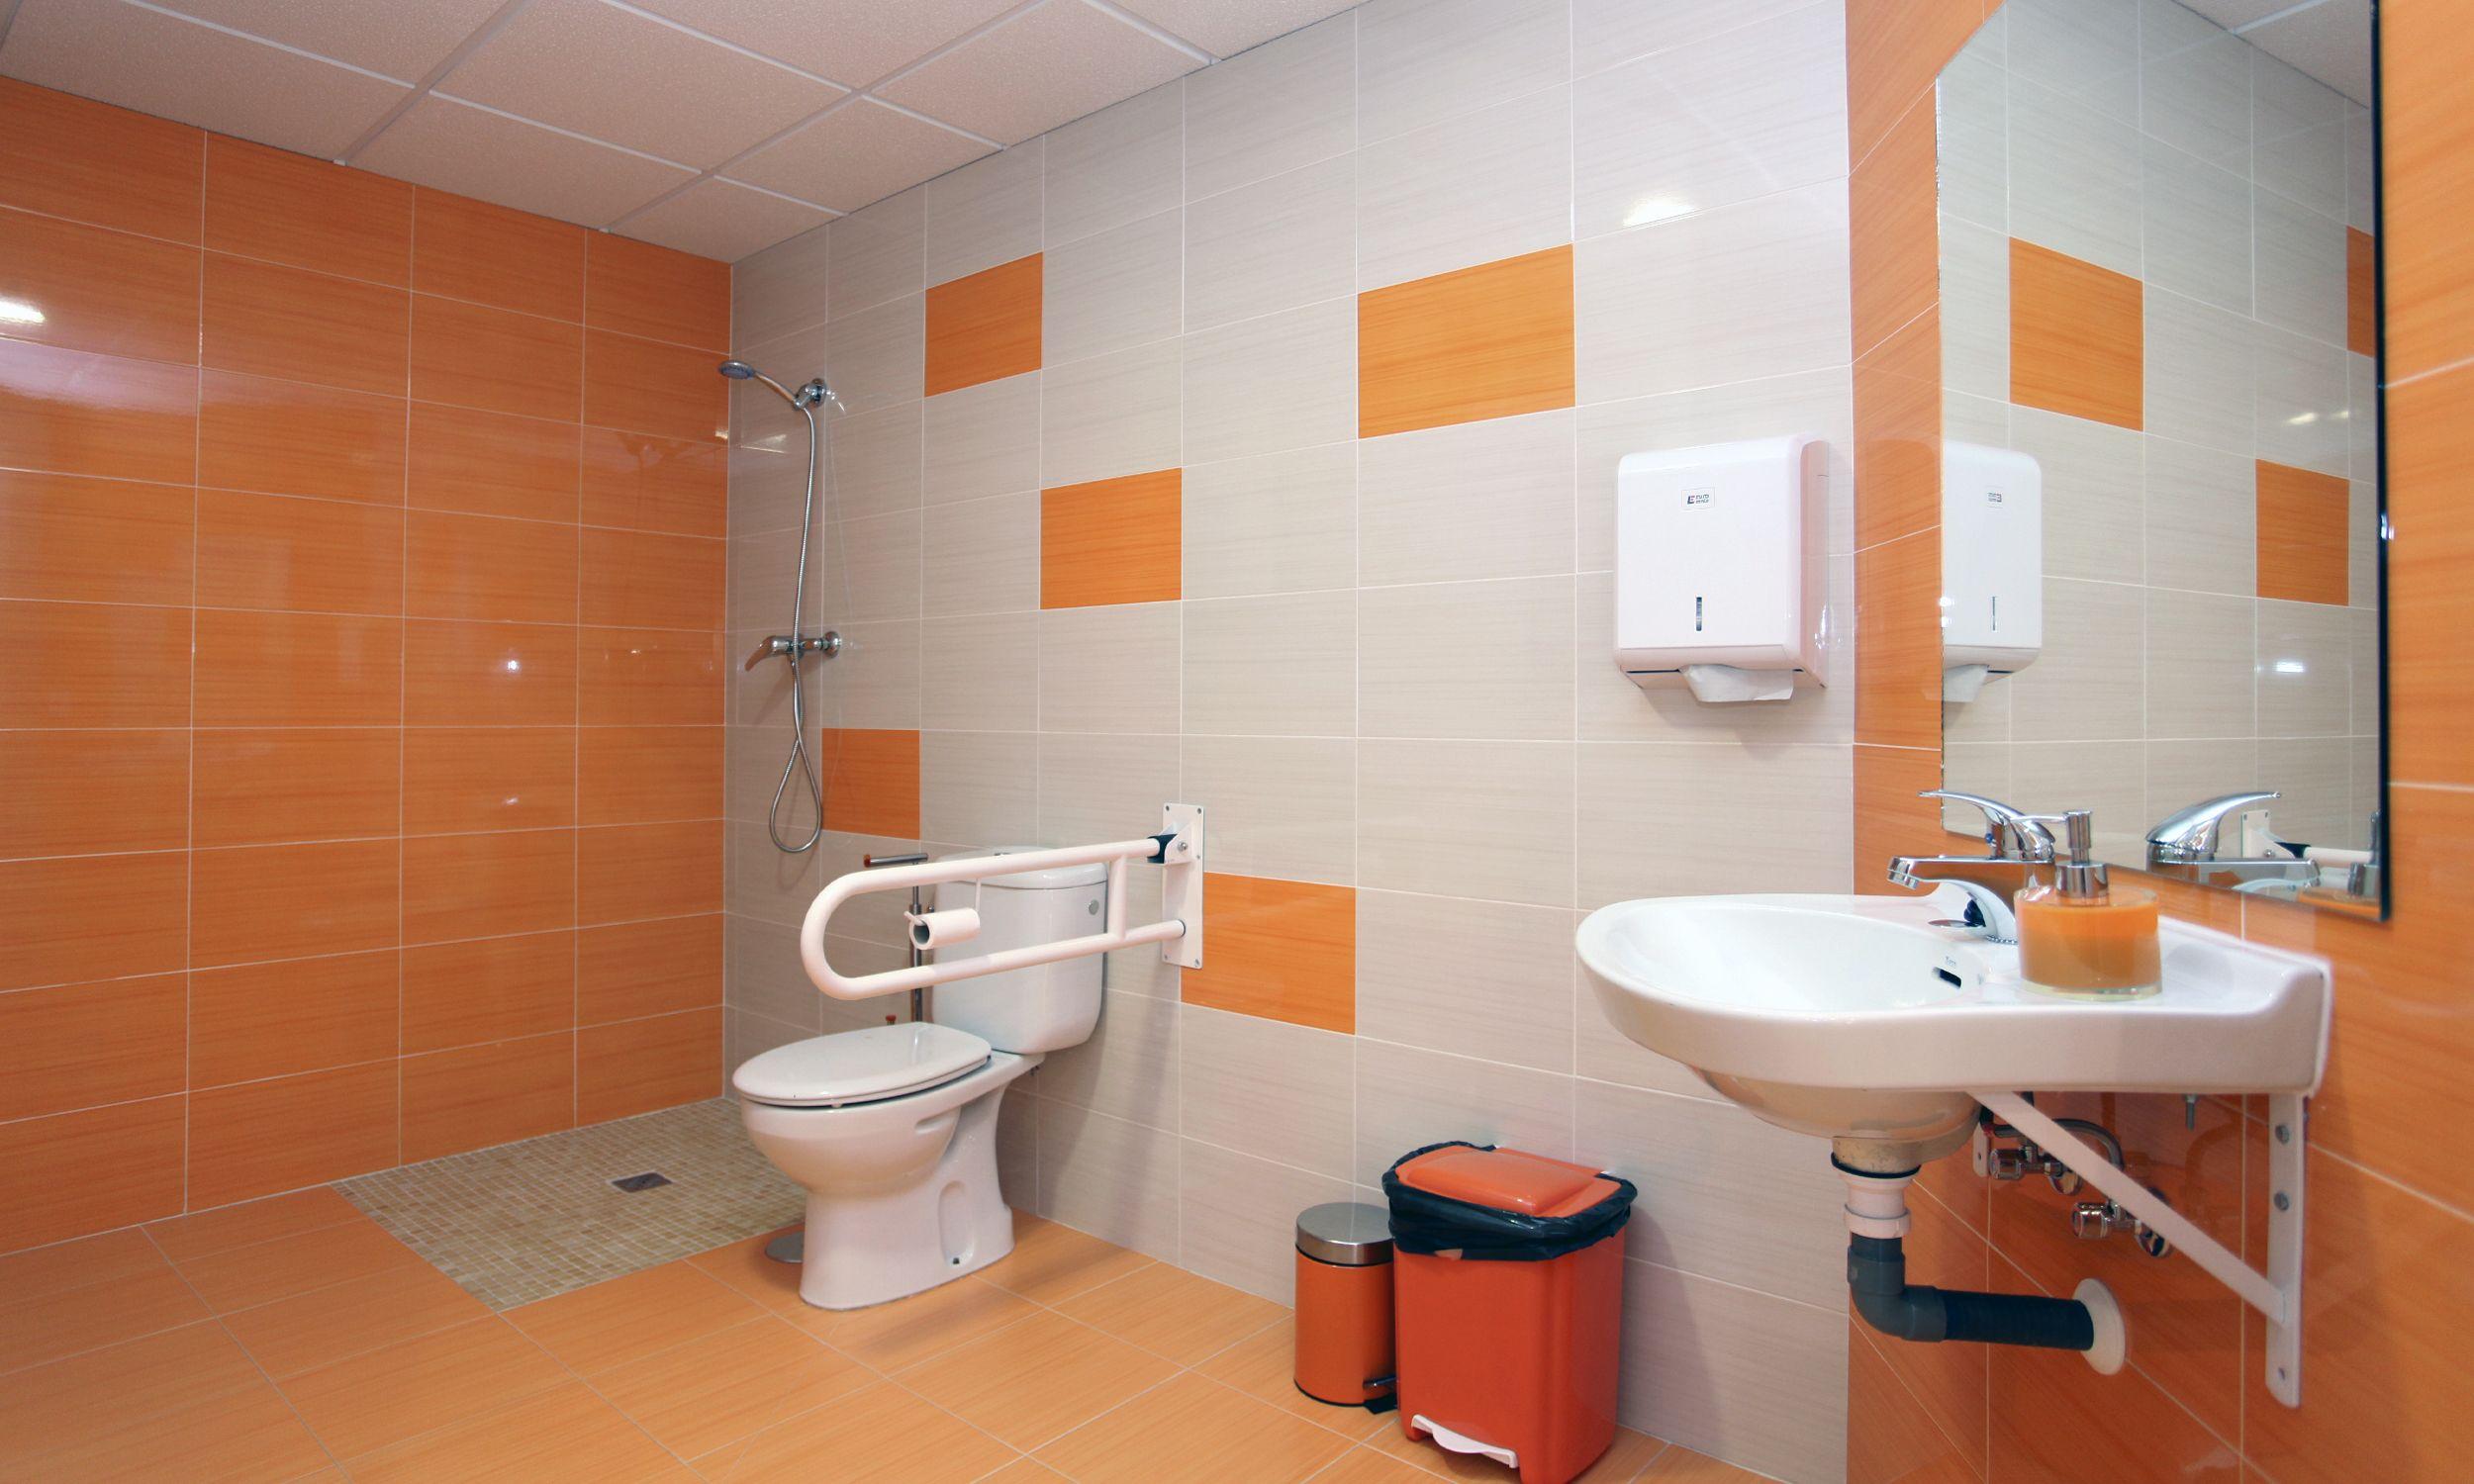 Fisioterapia en unas completas y cómodas instalaciones en Madridejos